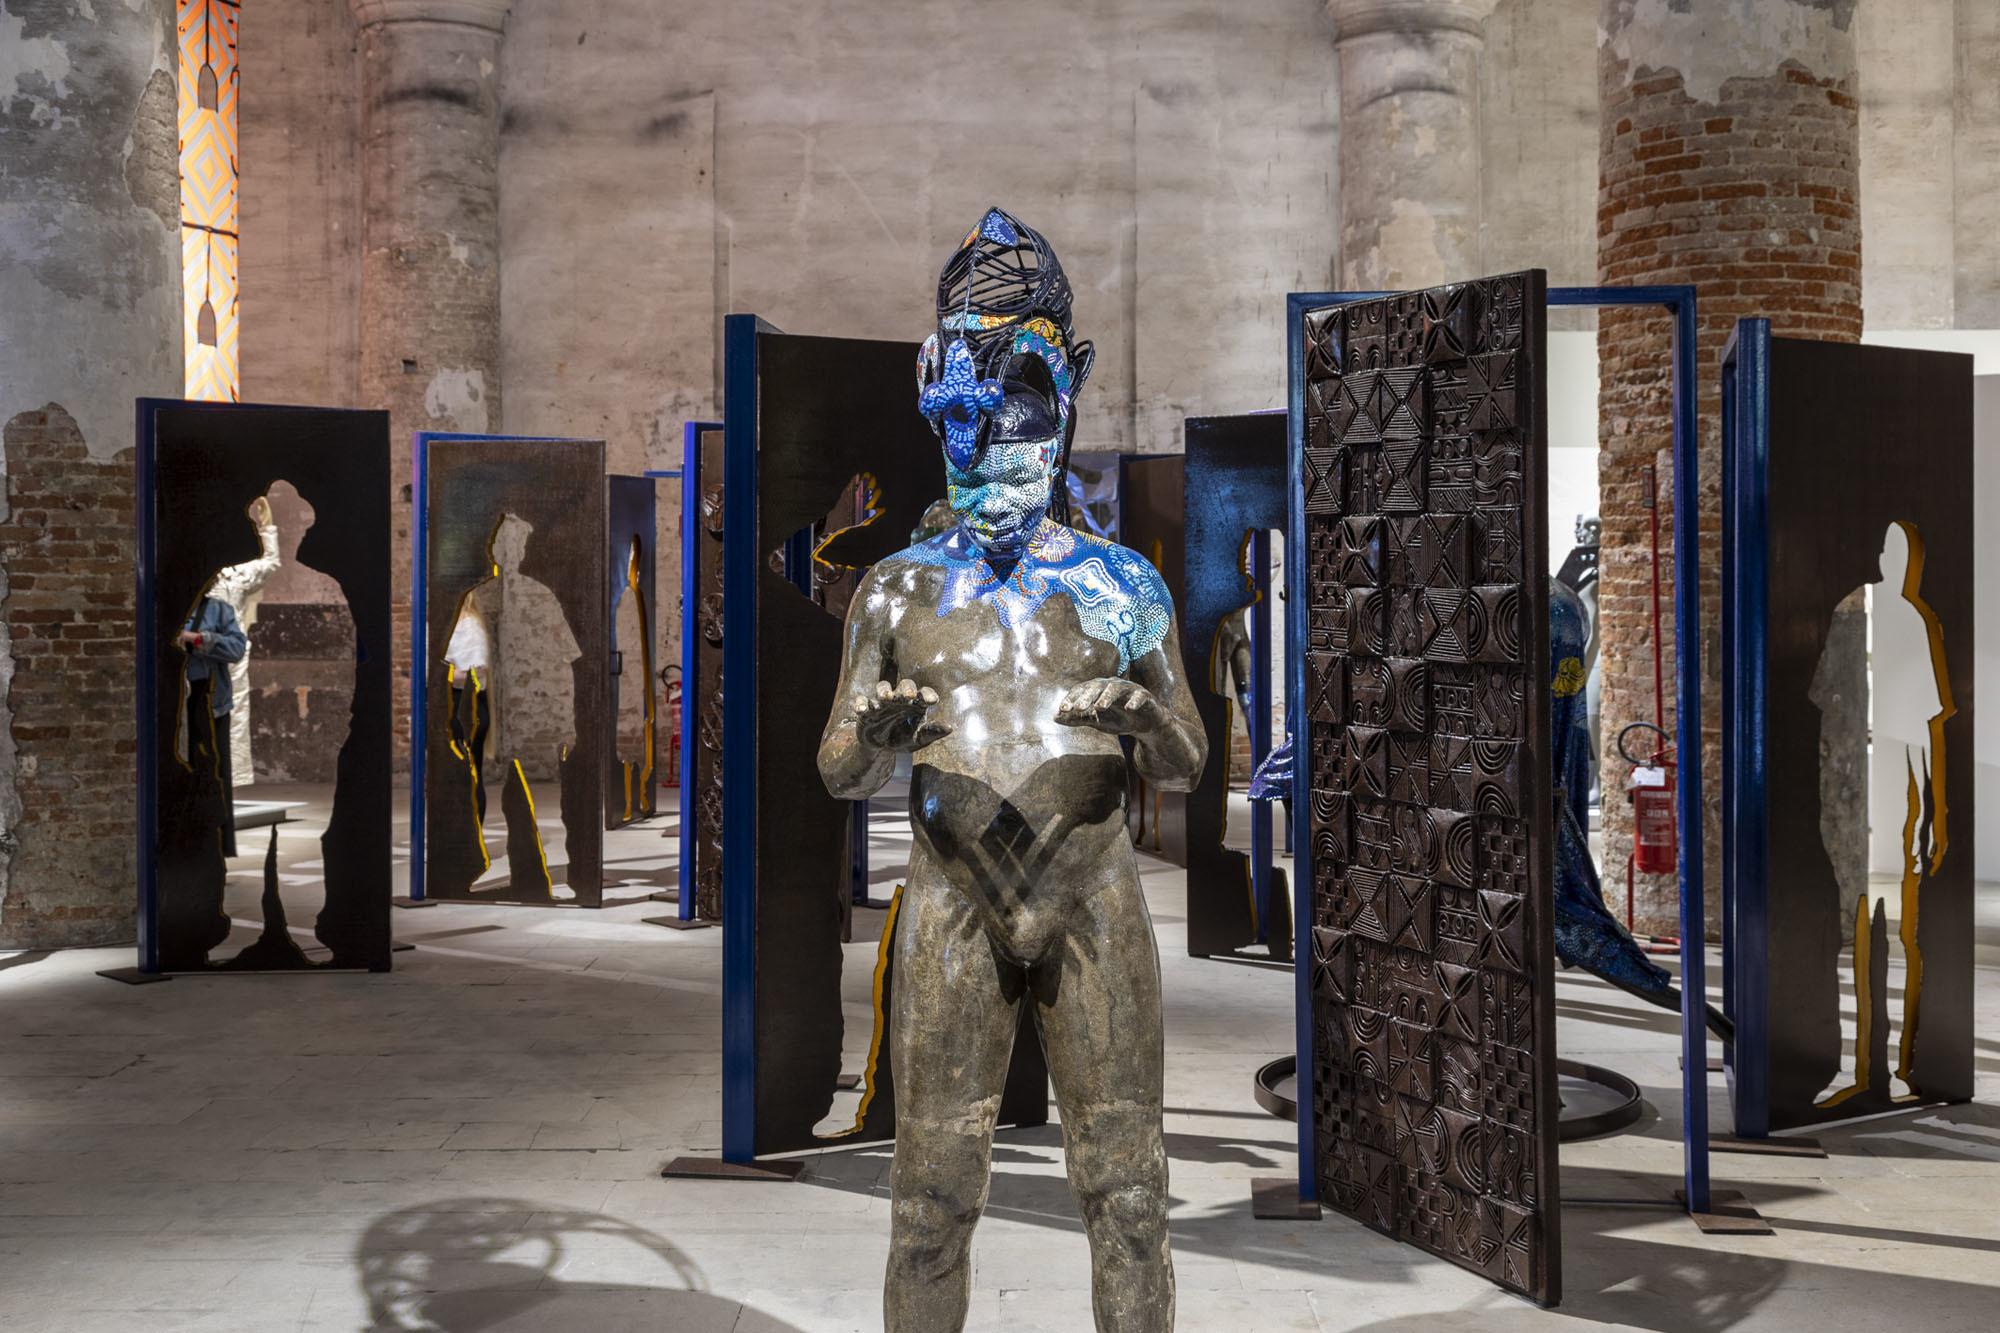 Peju Alatise /Alasiri: Doors for Concealment or Revelation, 2020 / Foto:Marco Zorzanello /Courtesy: La Biennale di Venezia